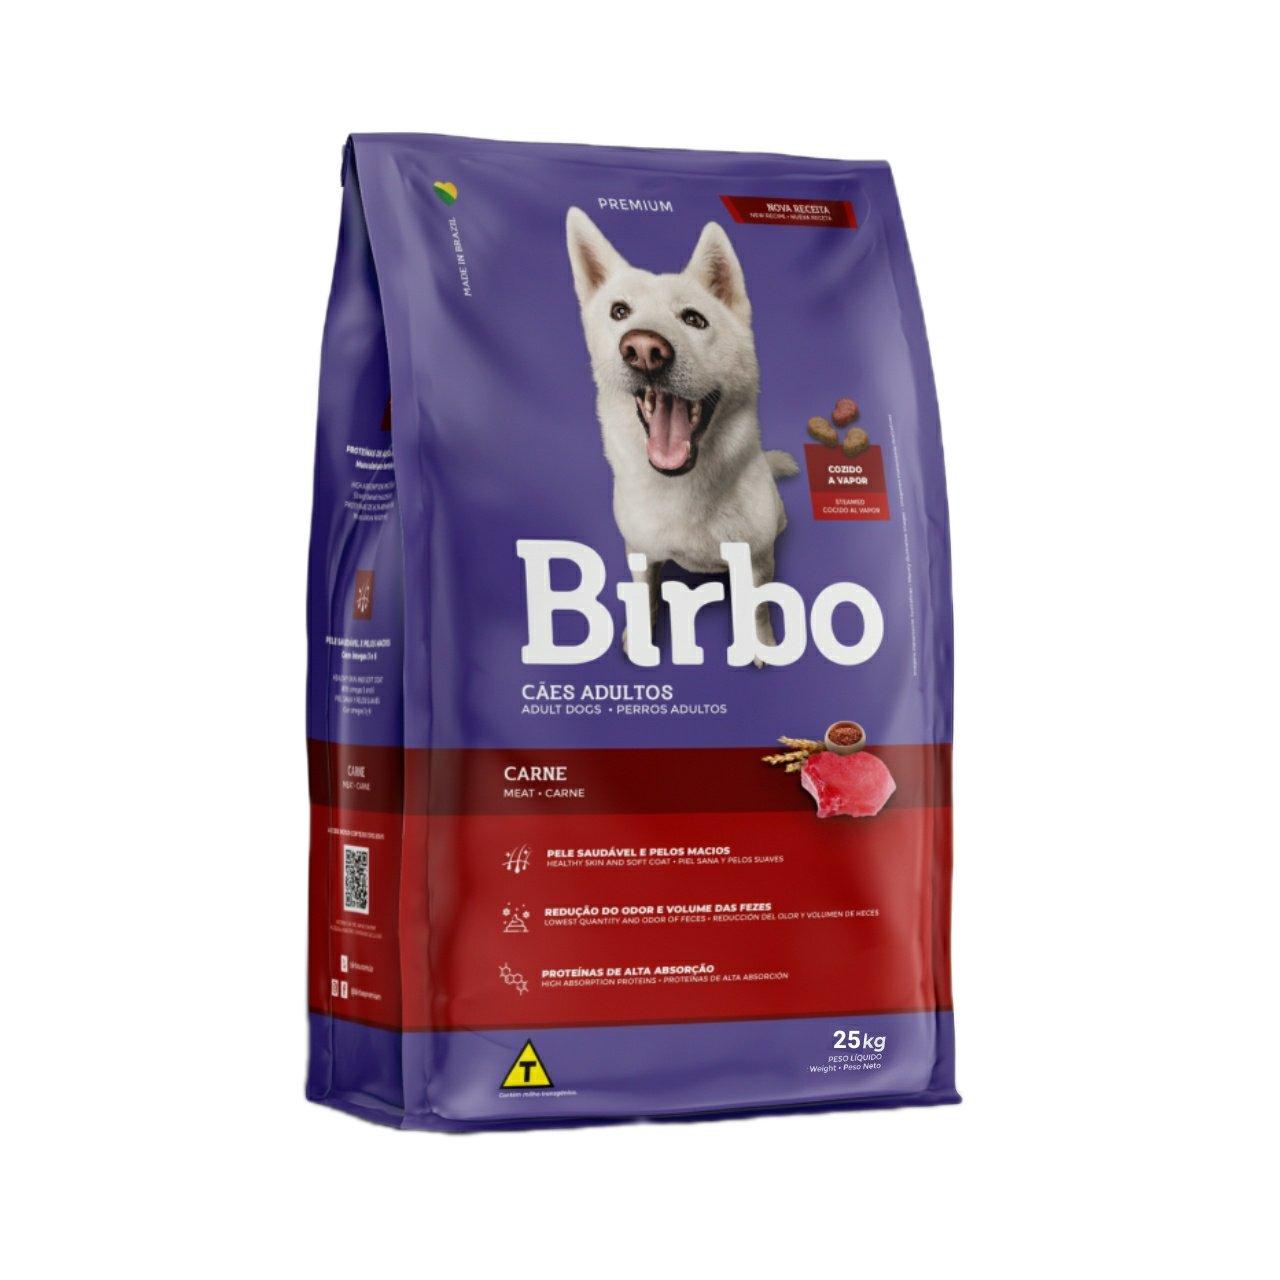 غذای خشک سگ بیربو مدل گوشت و برنج وزن 25 کیلوگرم